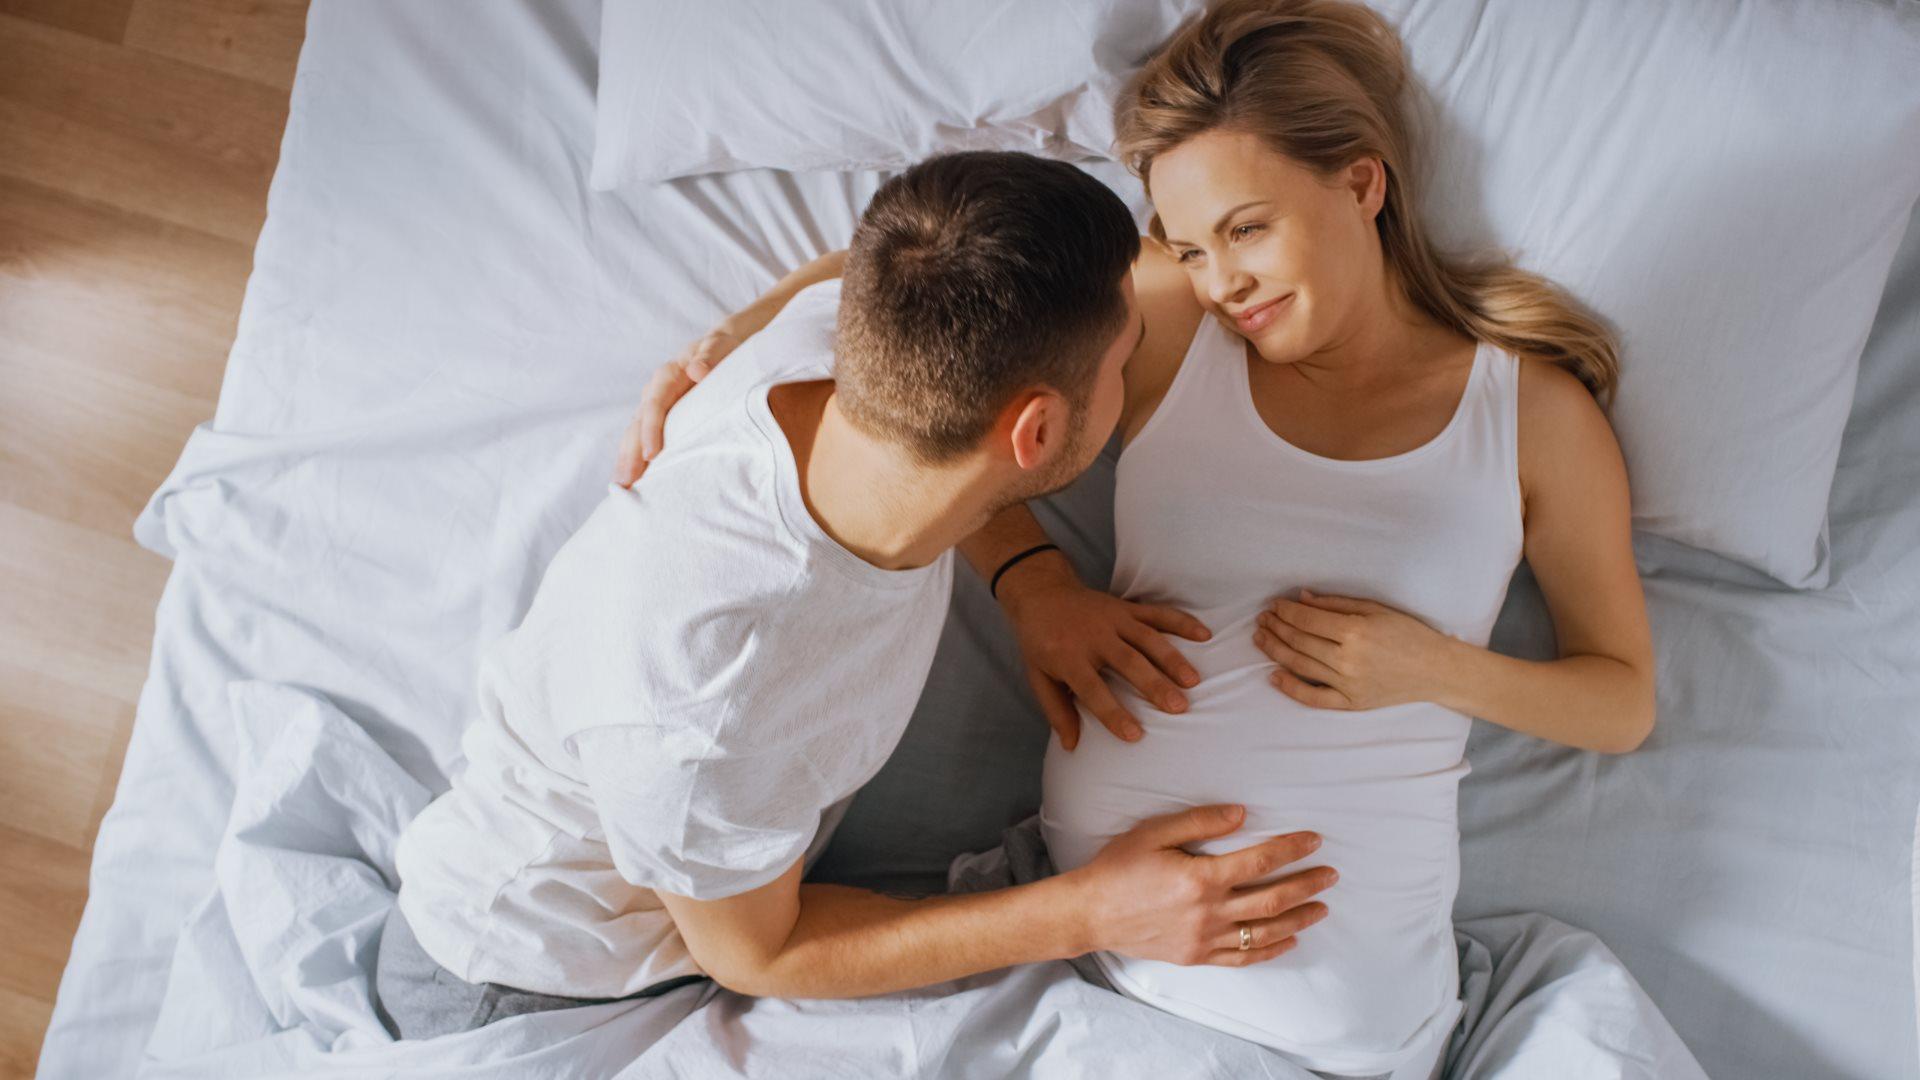 seks u trudnoci_1451128694